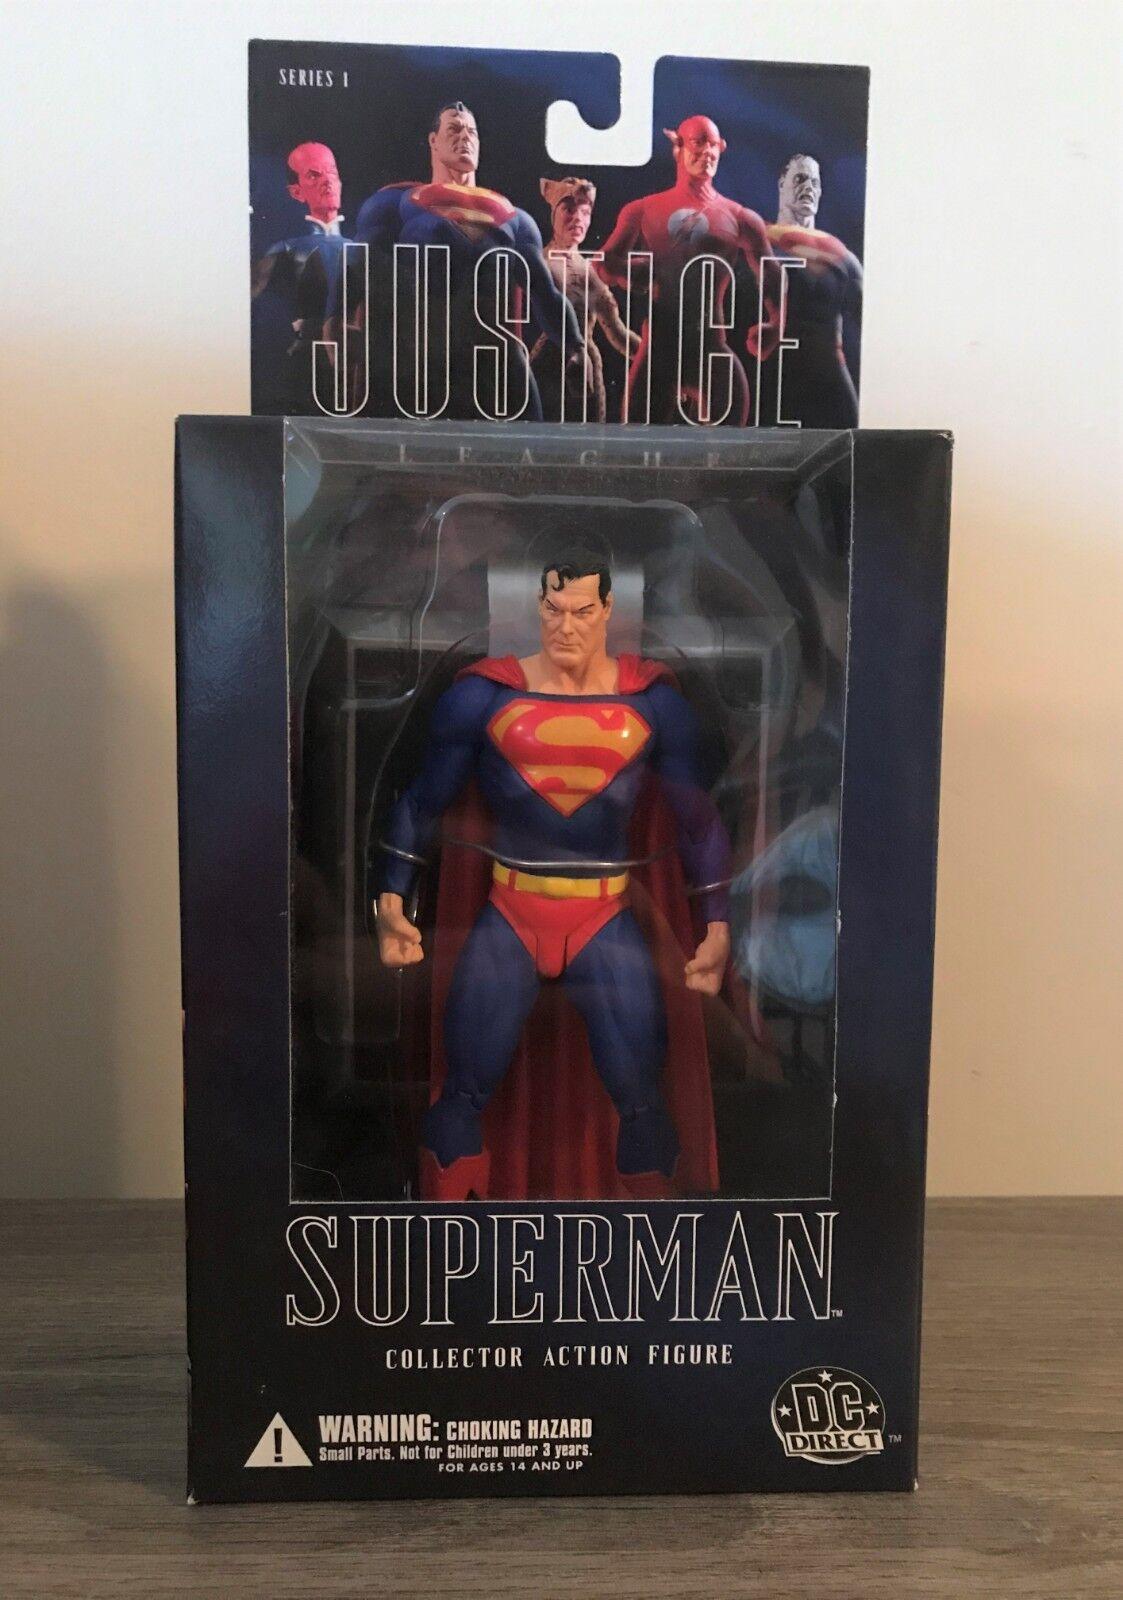 - direkte gerechtigkeitsliga reihe 1, superman - figur, alex ross